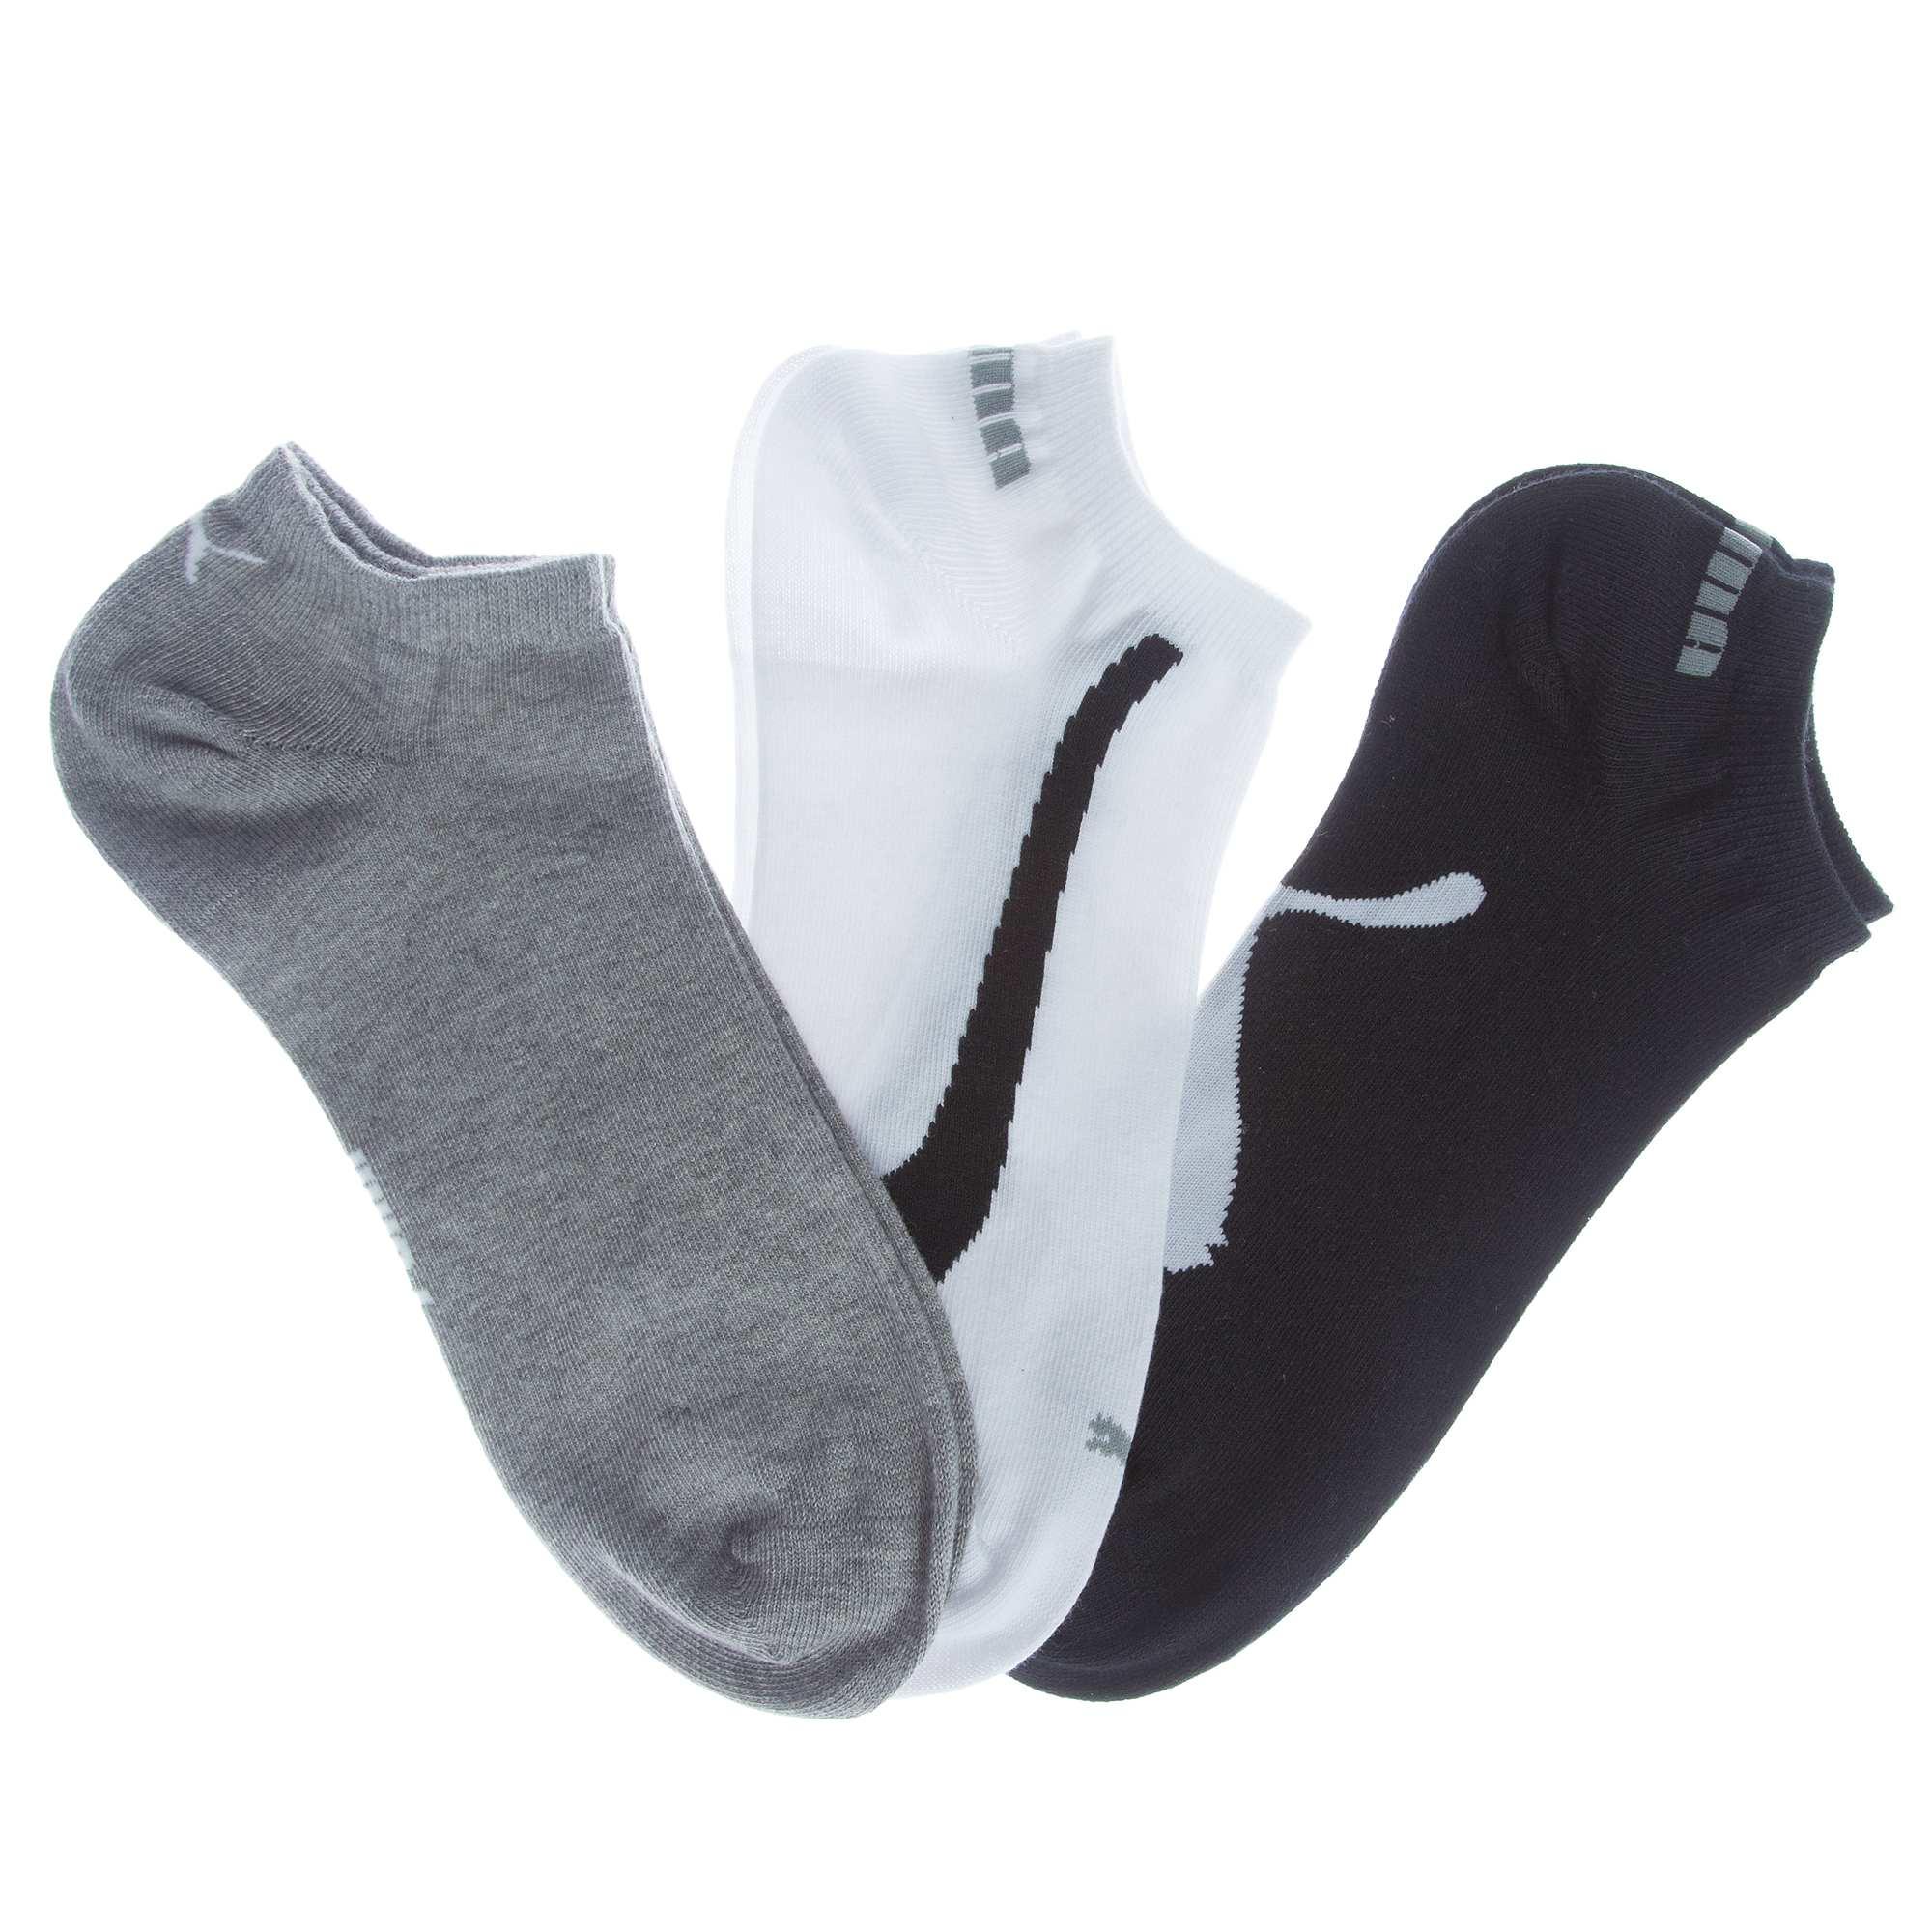 la moitié style à la mode meilleure qualité pour Lot de 3 paires de socquettes 'Puma'